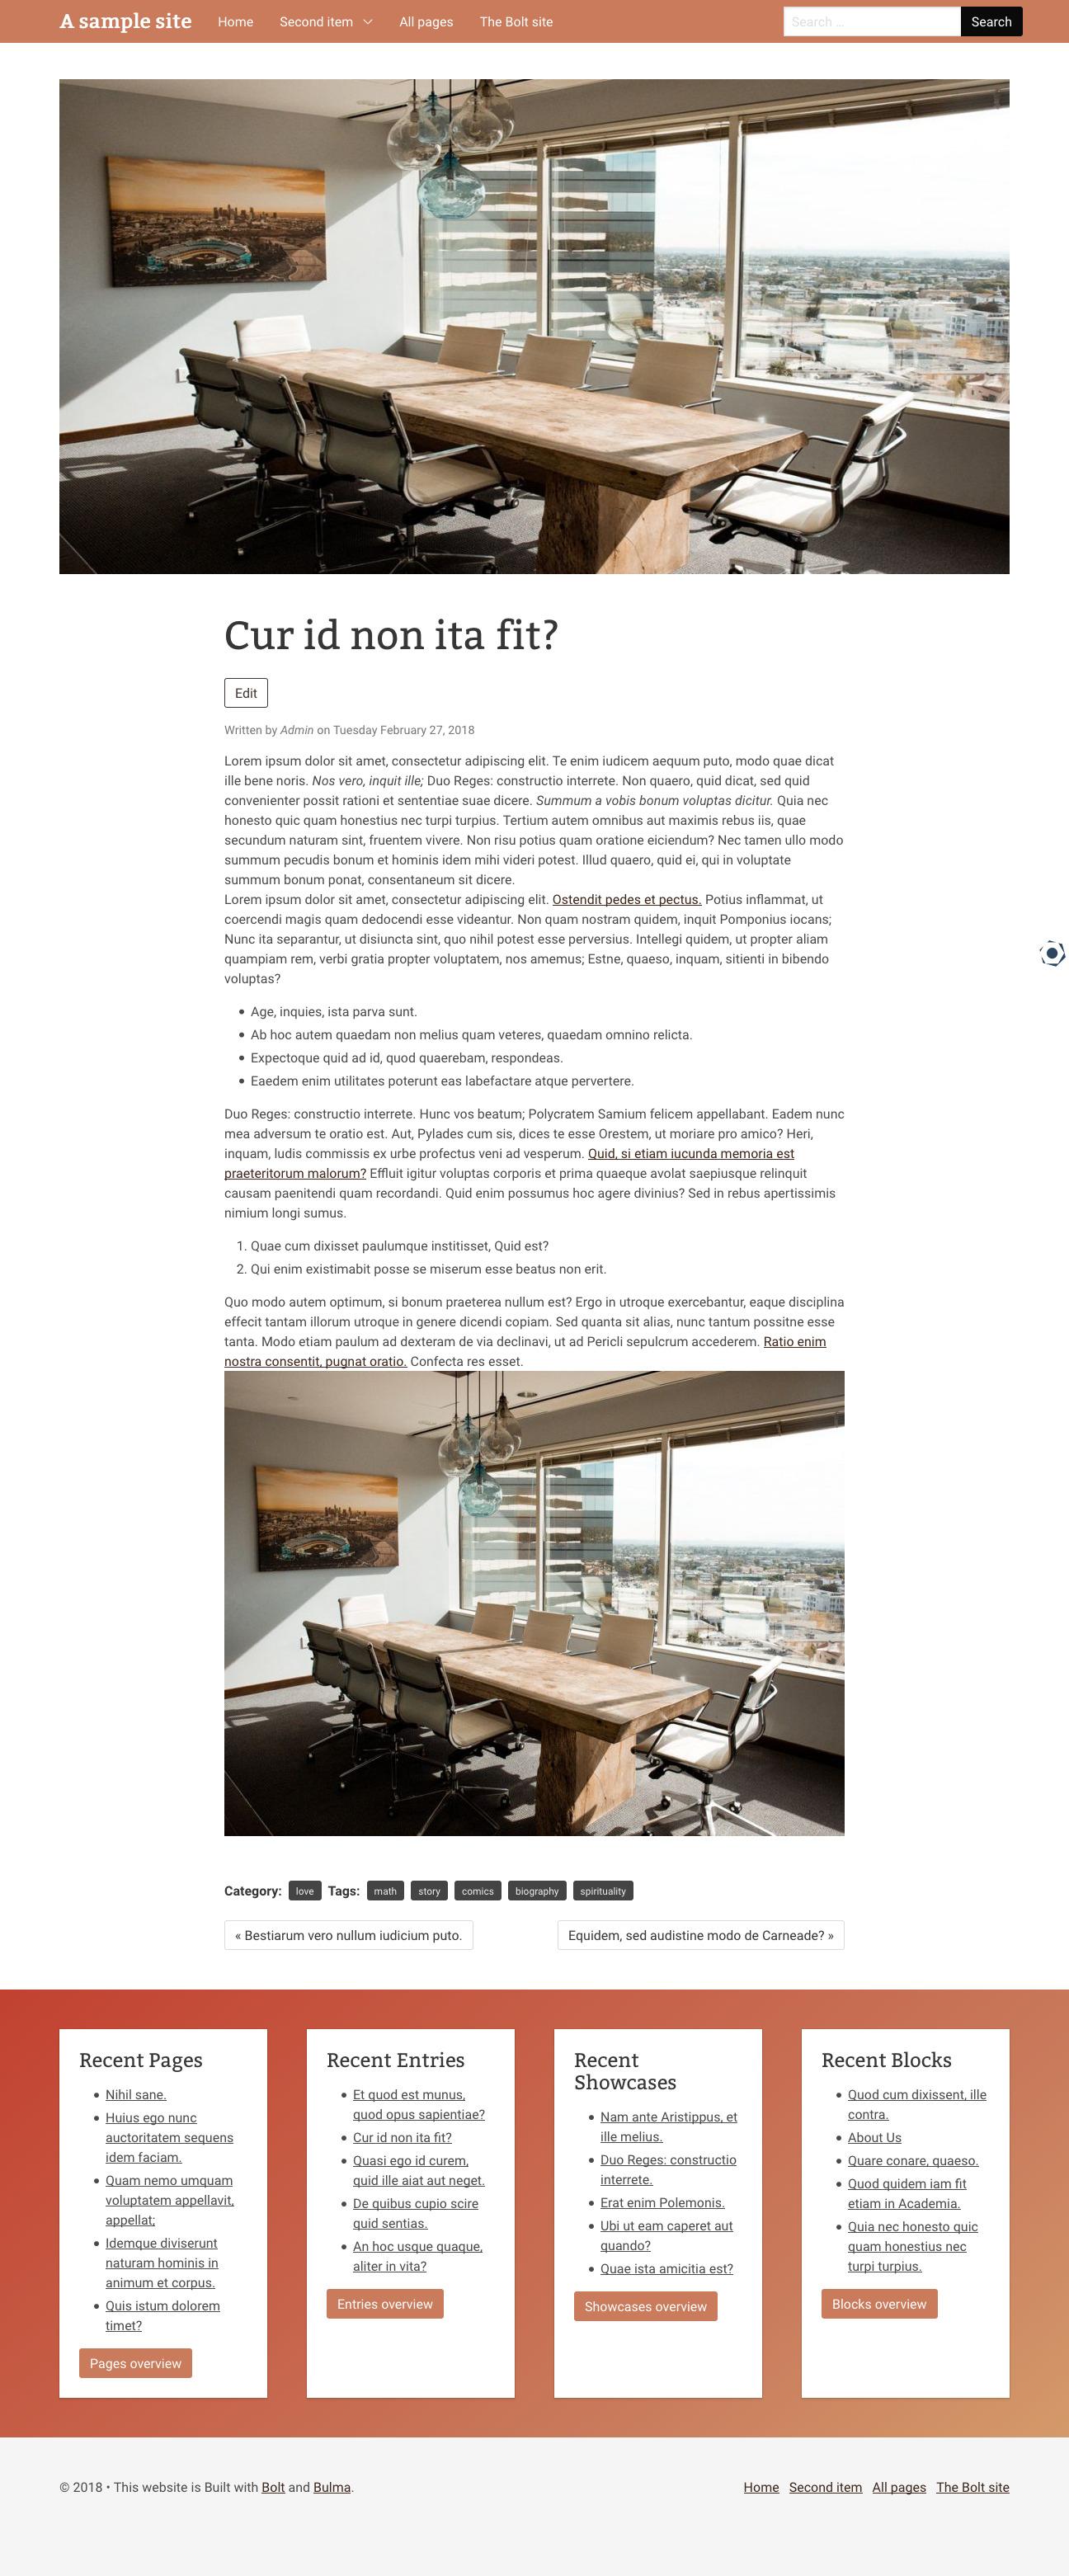 screenshot-2018-3-13 cur id non ita fit a sample site